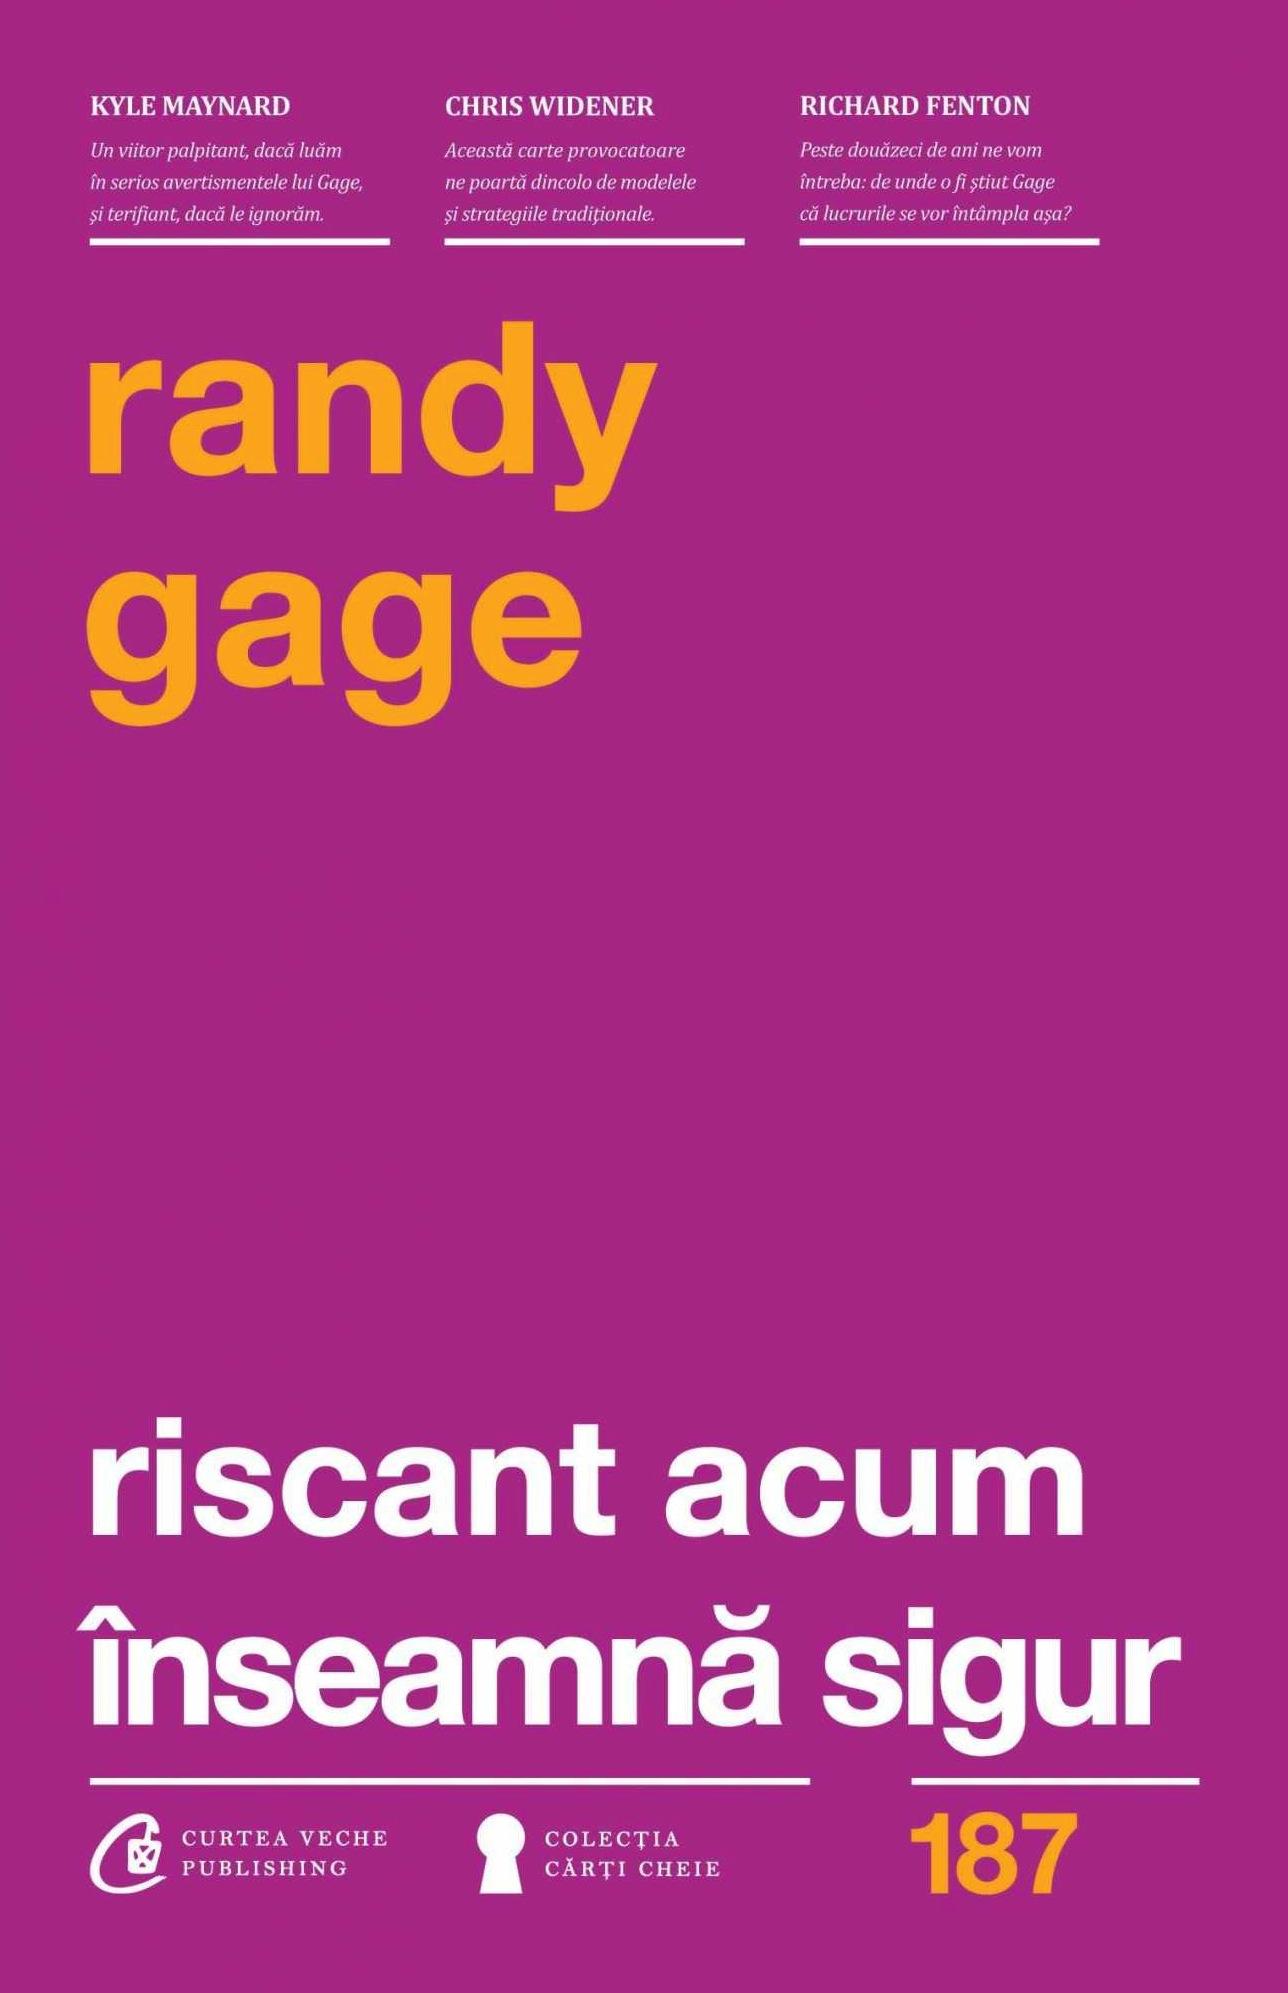 Riscant acum înseamnă sigur - Randy Gage